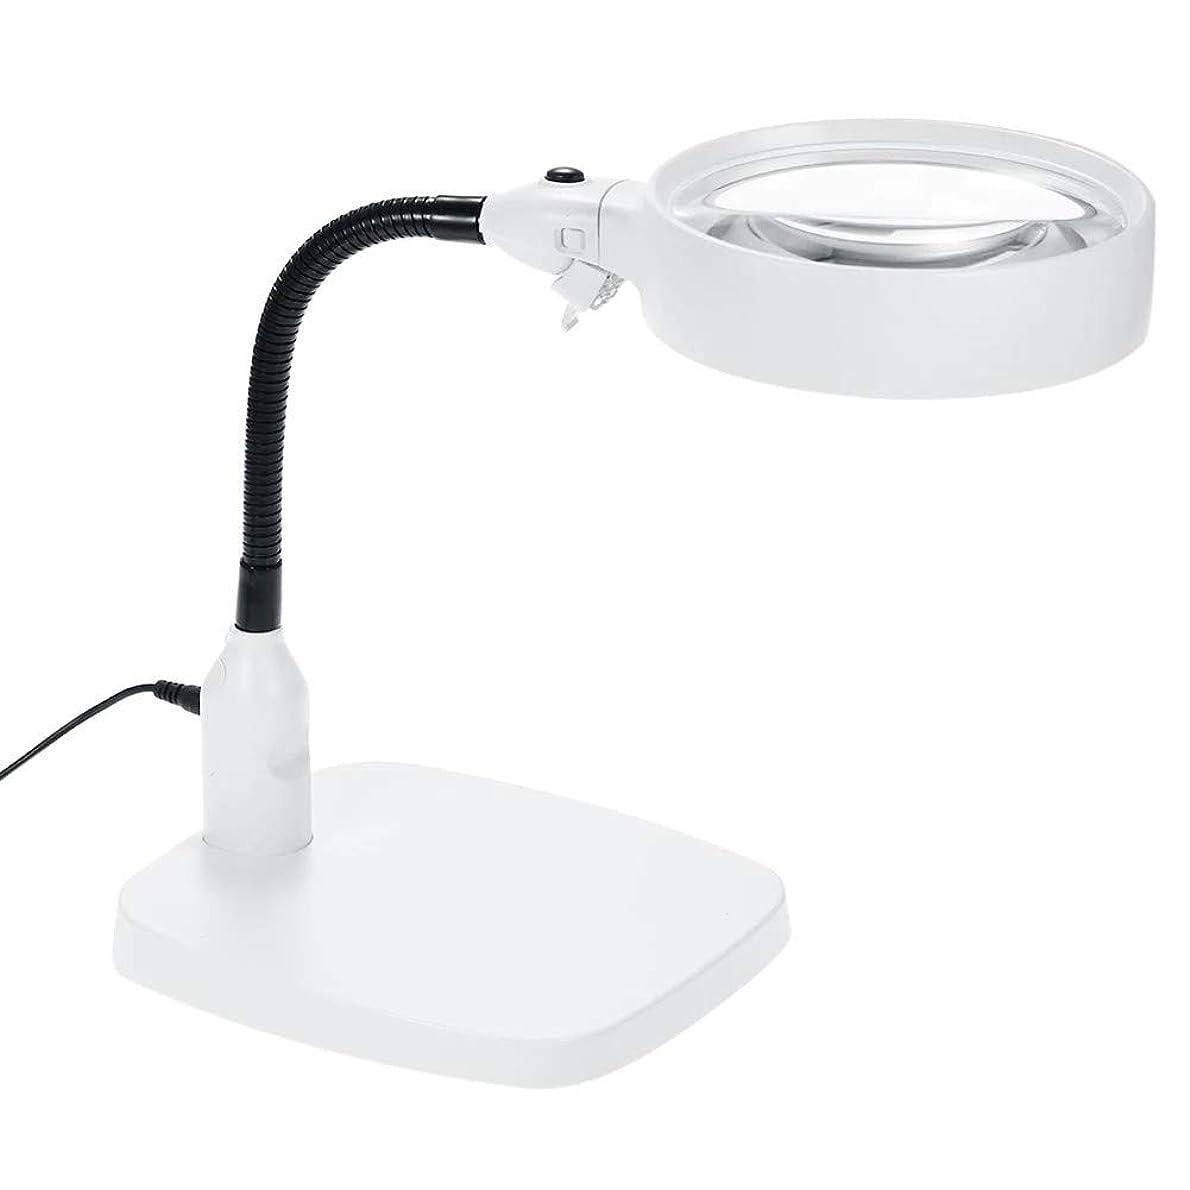 発明ディレイ人類大型ポータブル理想拡大鏡LEDフリー虫眼鏡ハンズフリーライトスタンド読書拡大鏡用書籍、ジュエリー作り、コイン調べる、地図、新聞